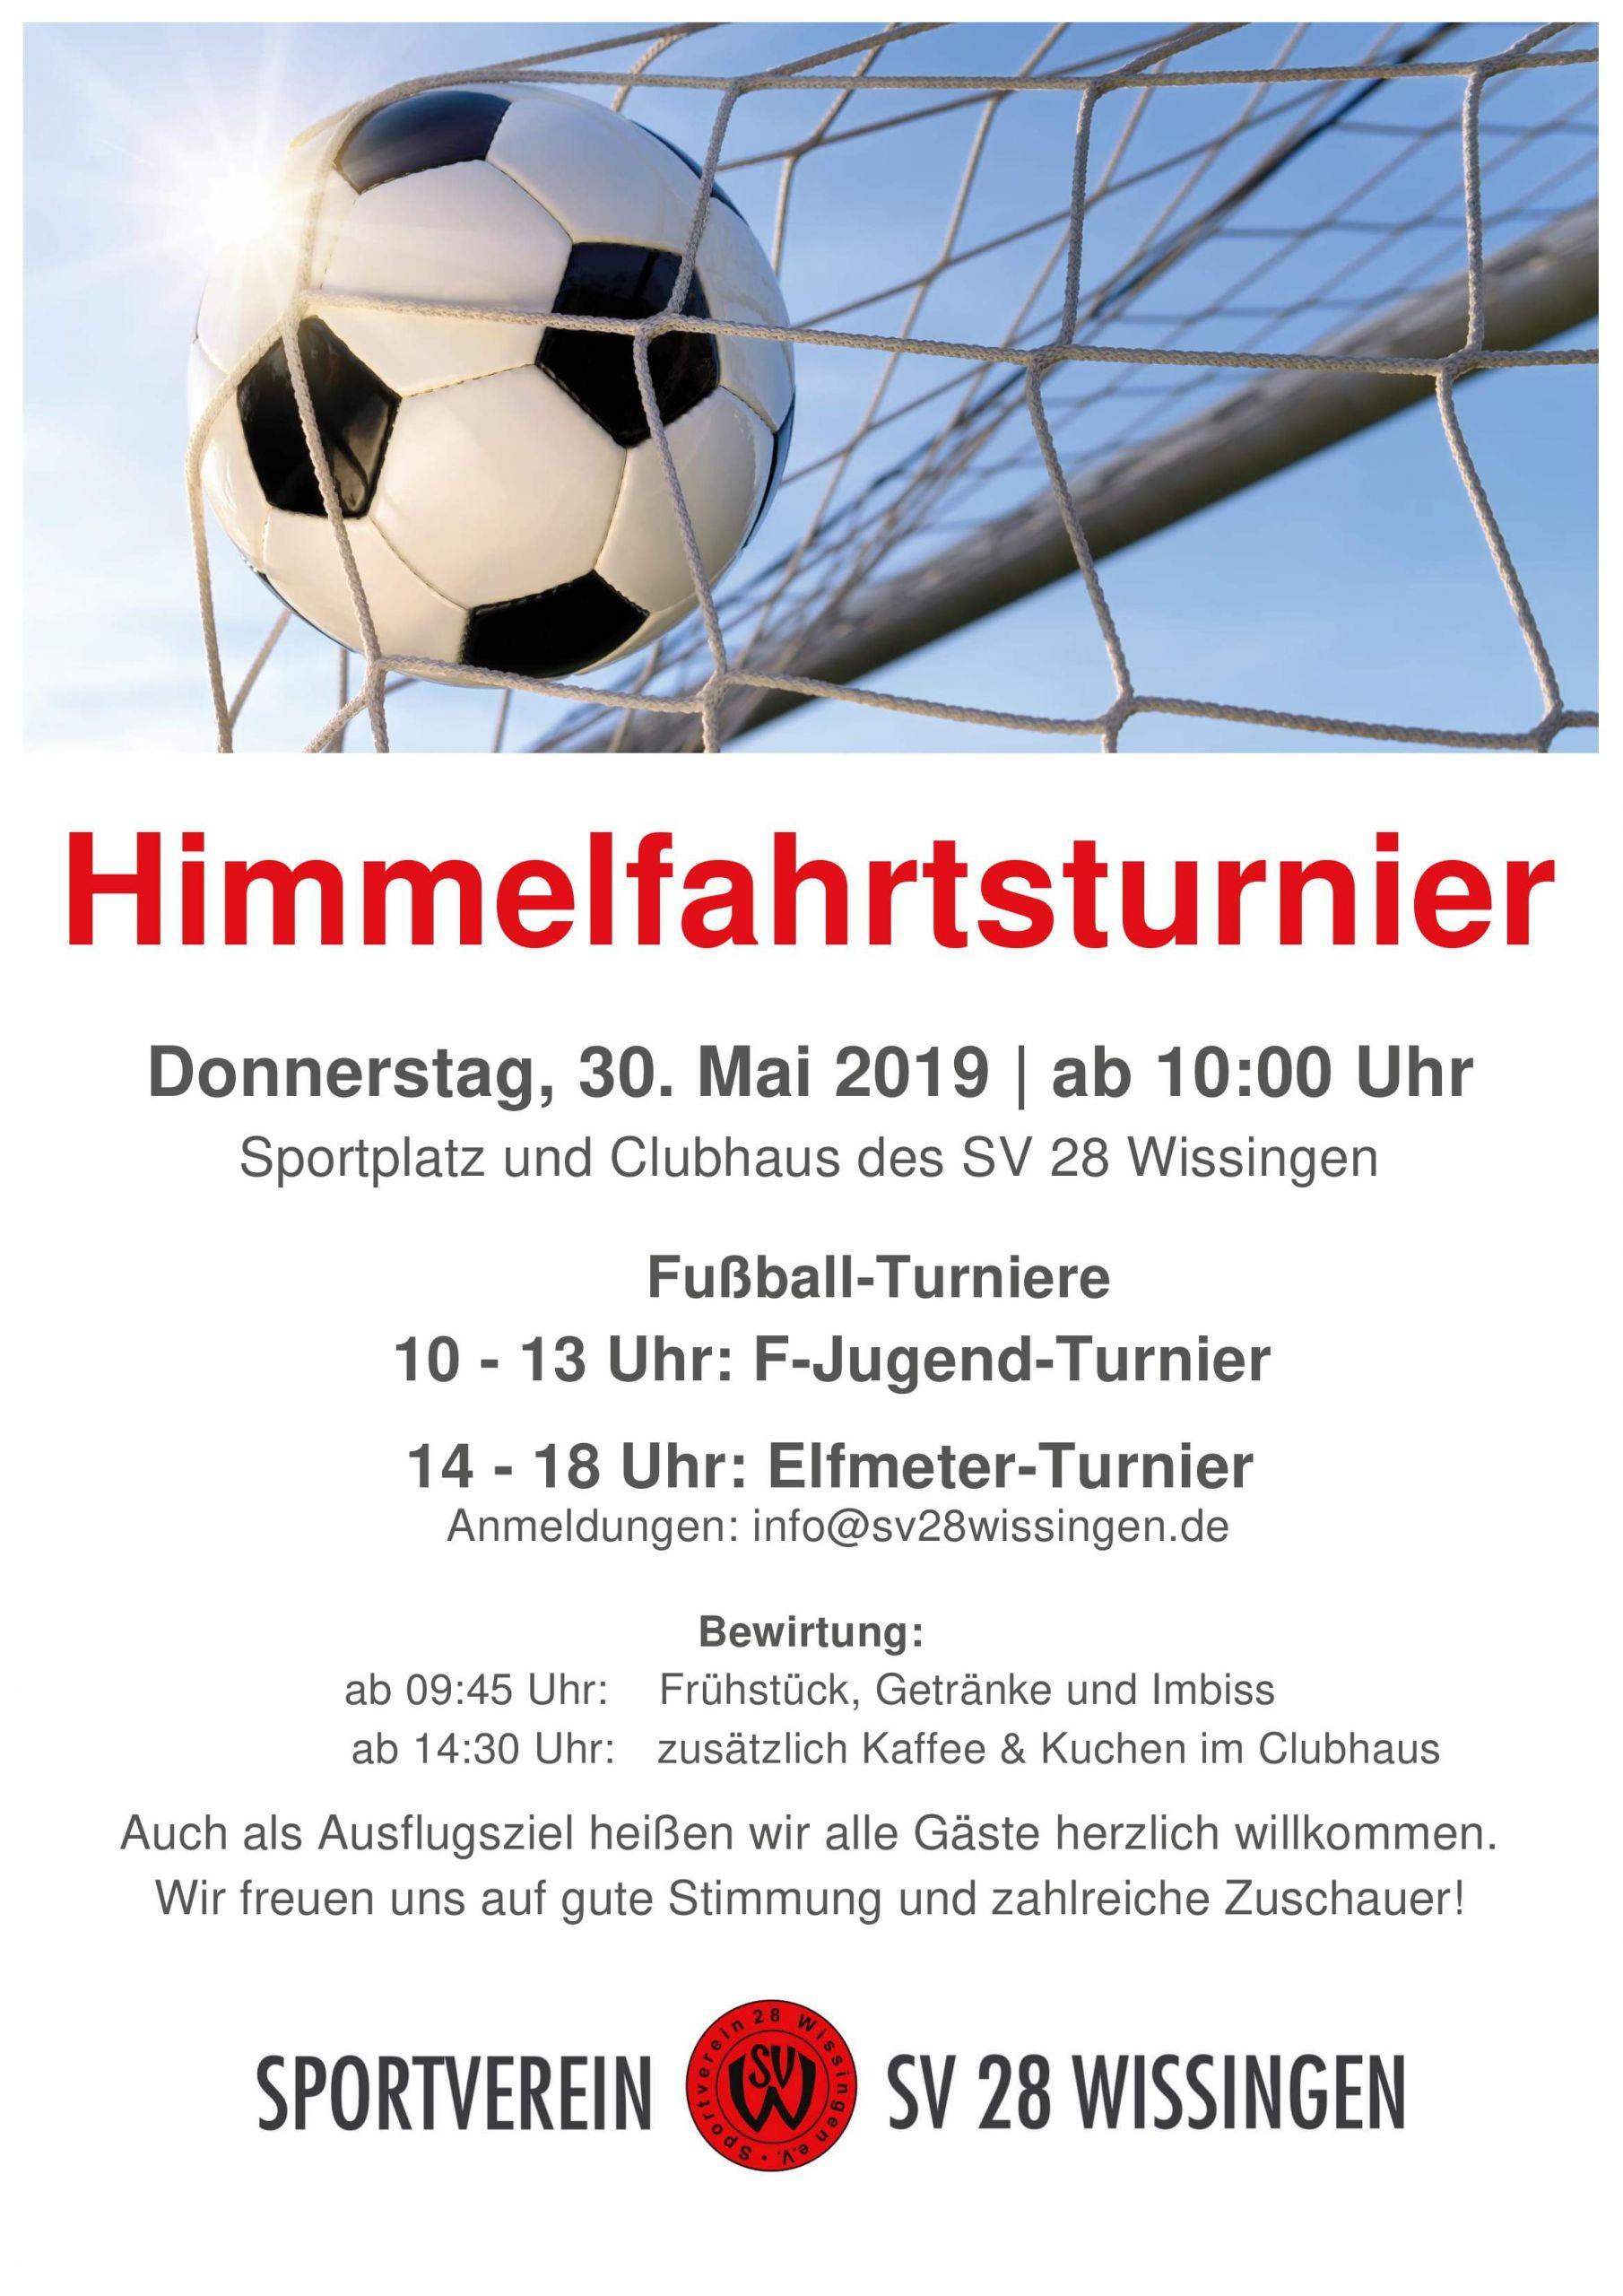 PlakatA3 Himmelfahrtsturnier 2019 1 1